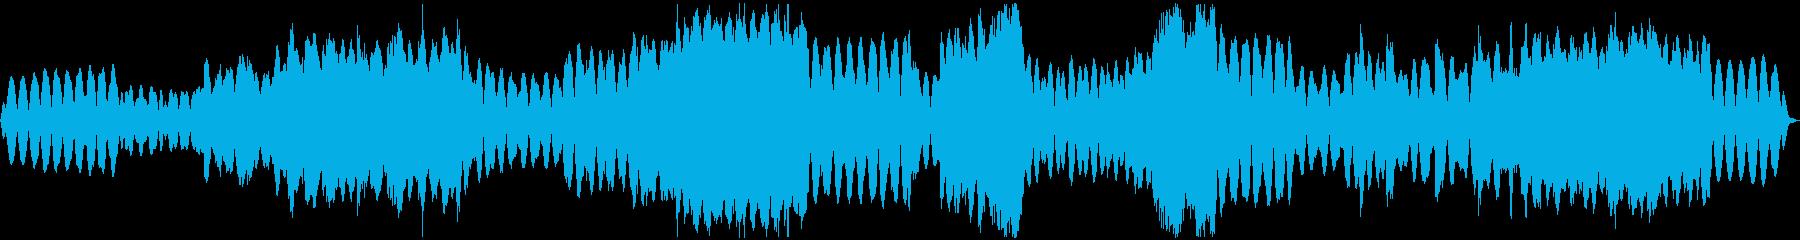 サイエンスフィクション、不協和音、...の再生済みの波形